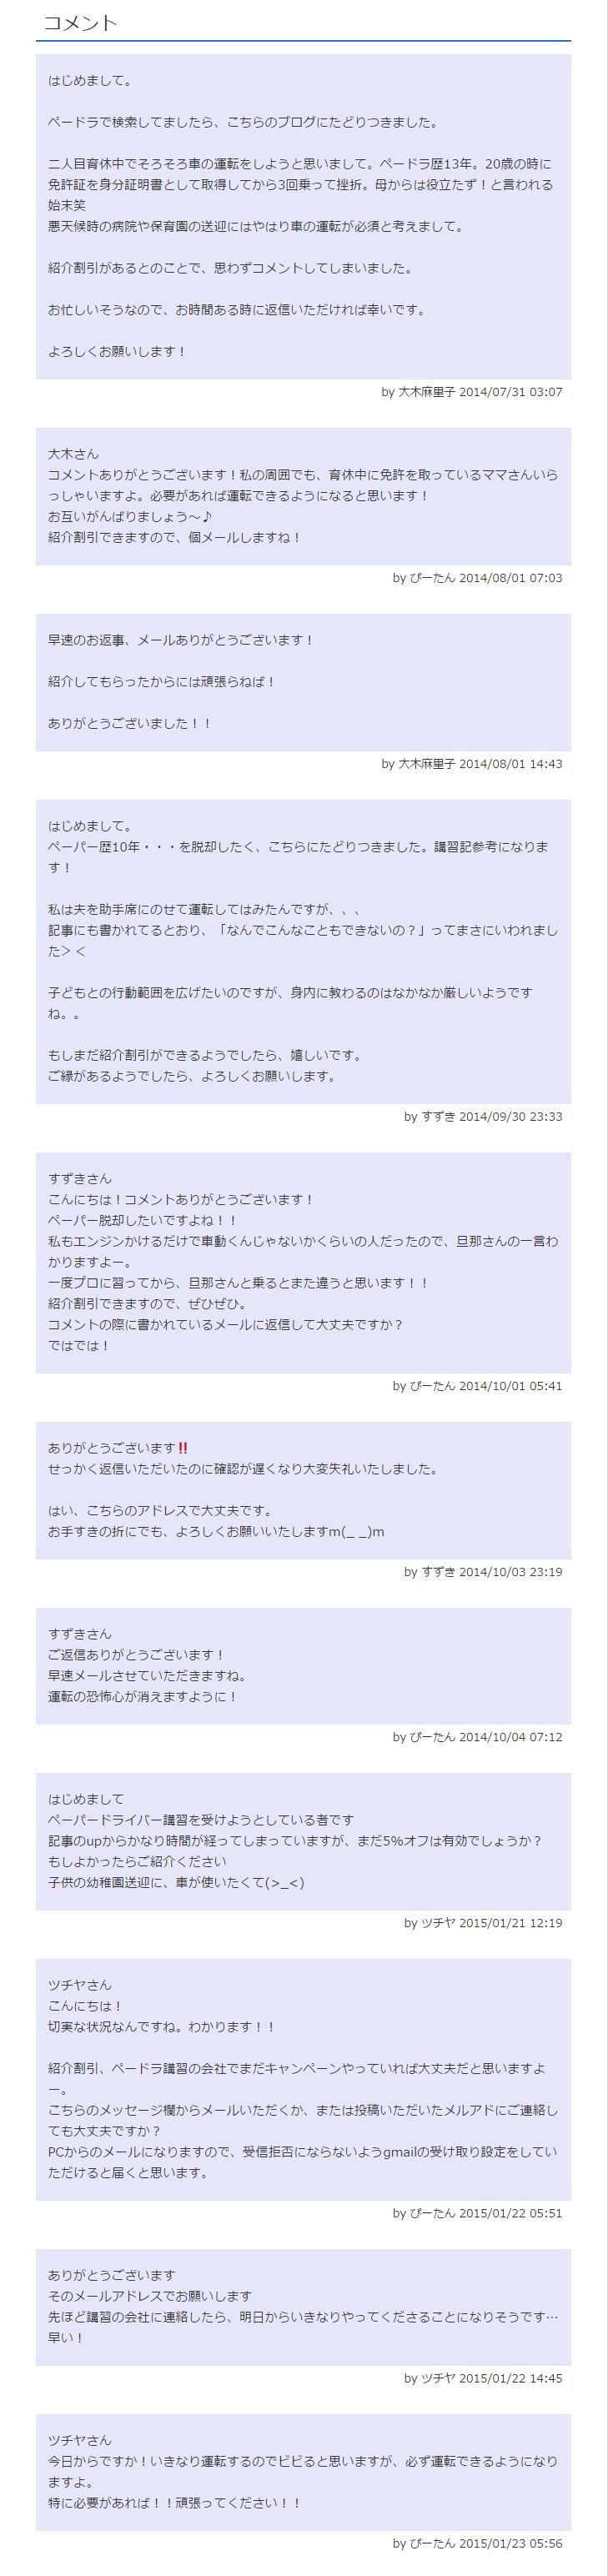 usagix.com_2013_08_5724_